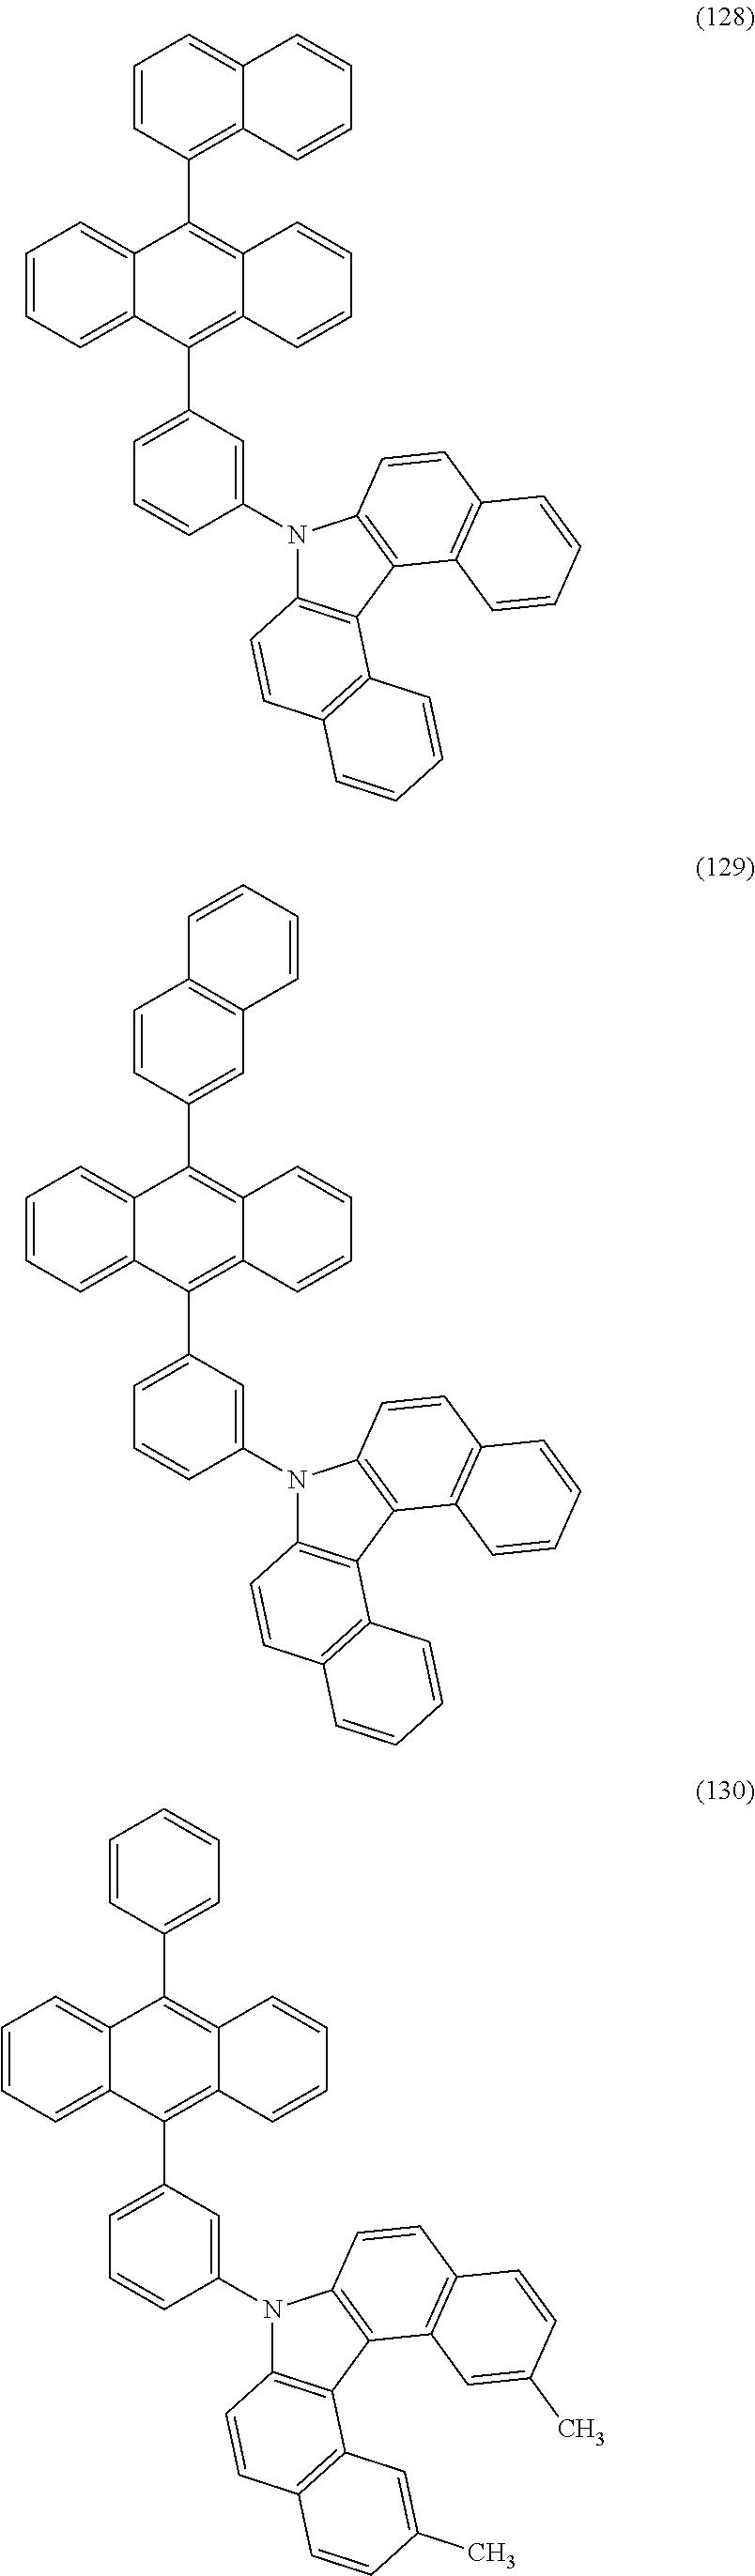 Figure US09240558-20160119-C00054